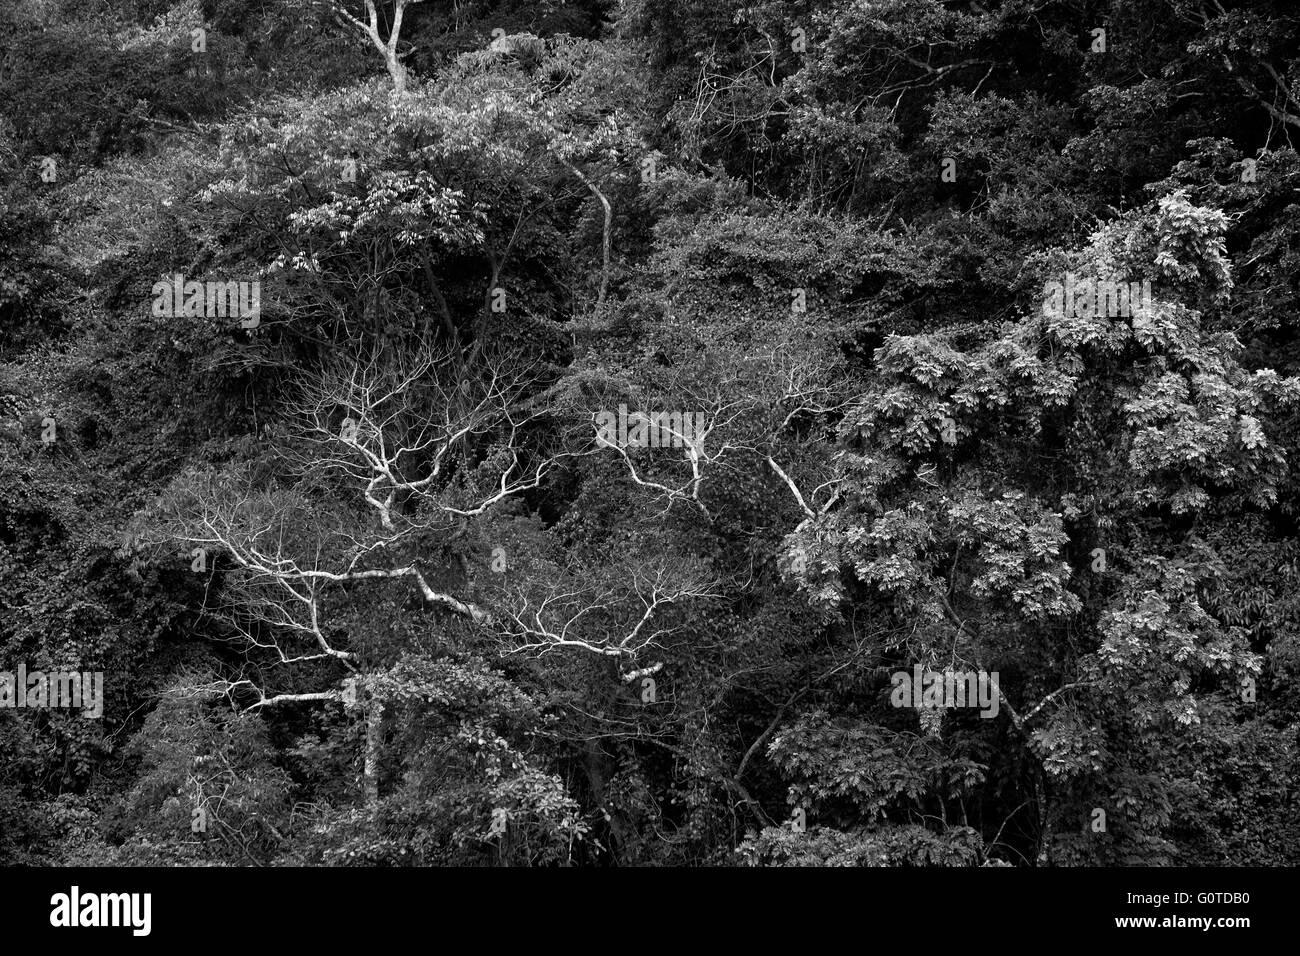 Greenery in Aguateca located in northern Guatemala's Petexbatun Basin, in the department of Peten. Guatemala - Stock Image